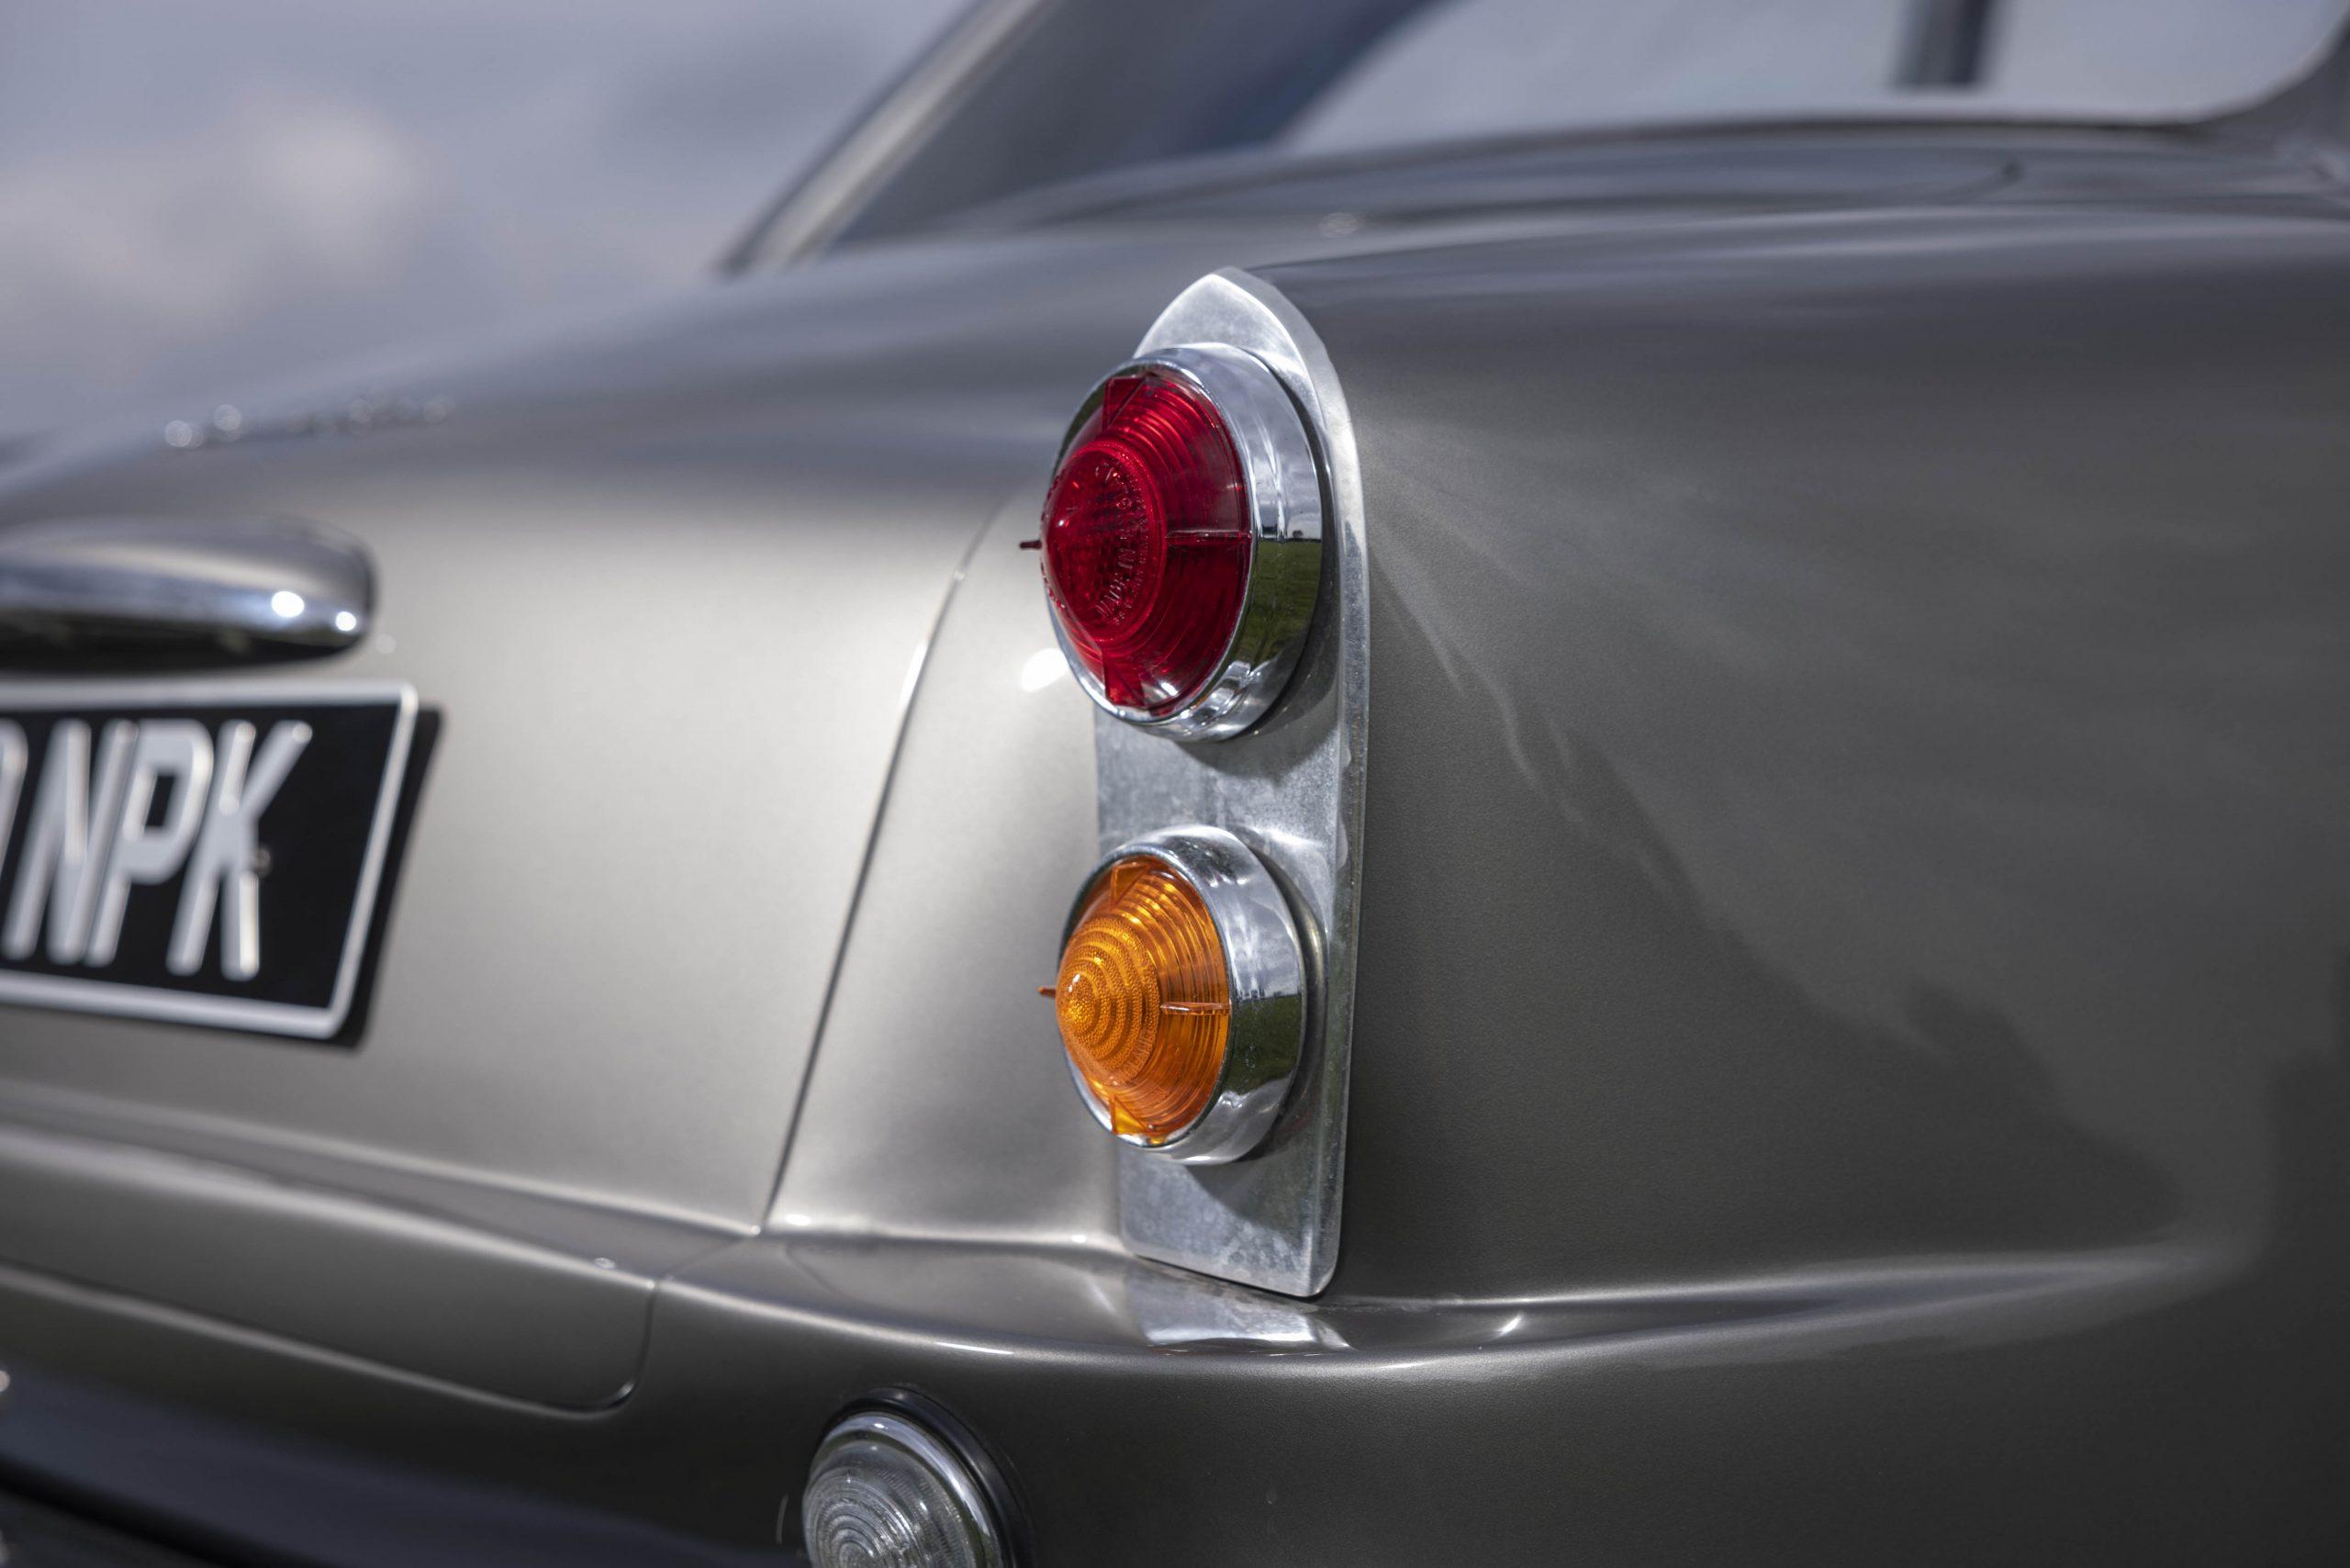 Zagato-bodied Bristol 406 taillight detail